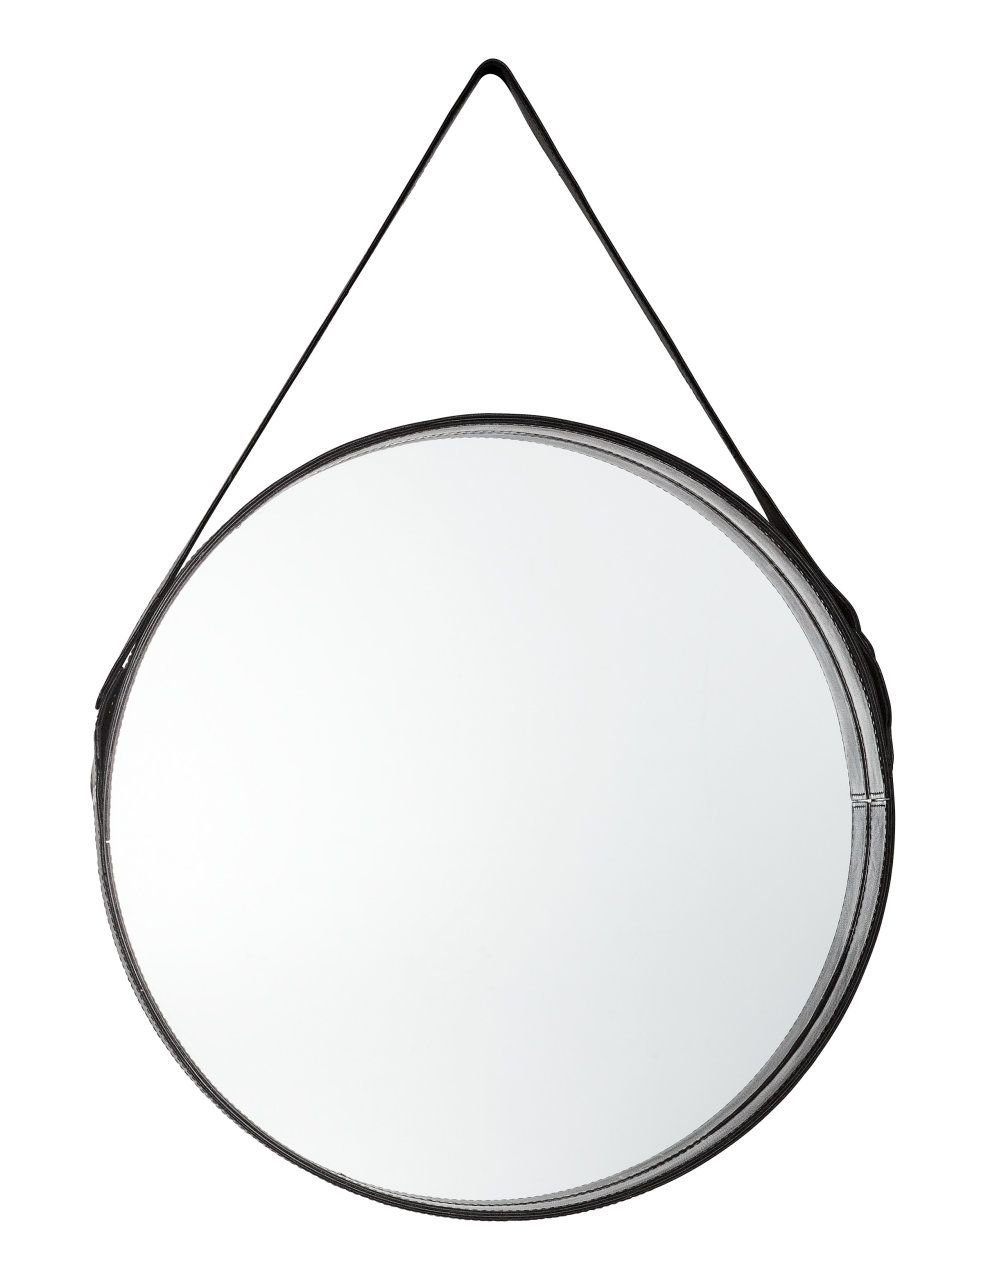 Utmerket Sjekk ut dette! Et stort, rundt speil med skinnramme og stropp til JL-85